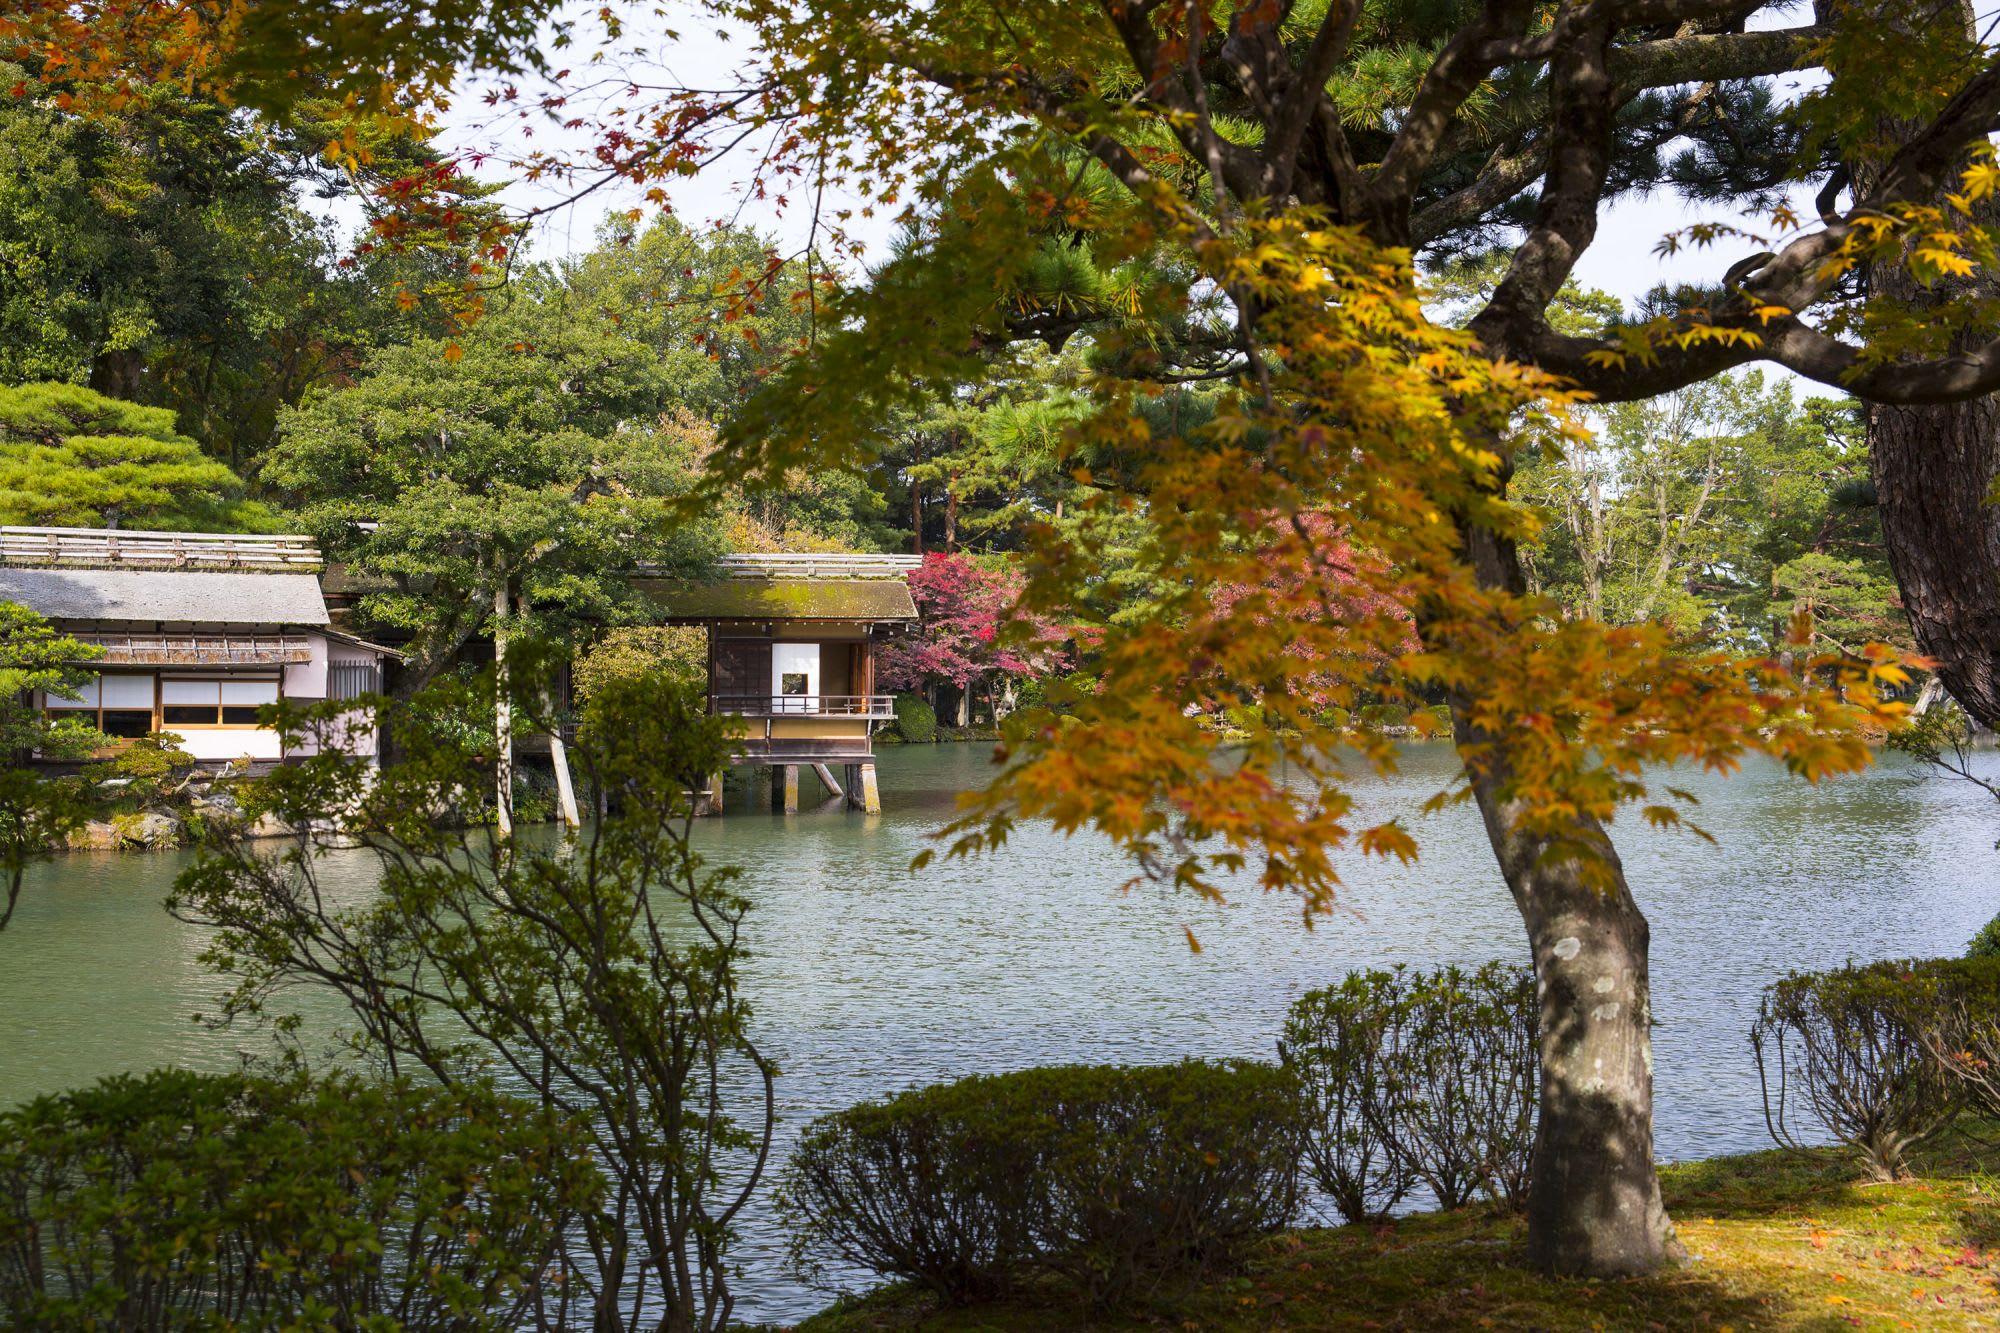 秋は木々が色づく贅沢なシーズンです。/ 写真提供:金沢市